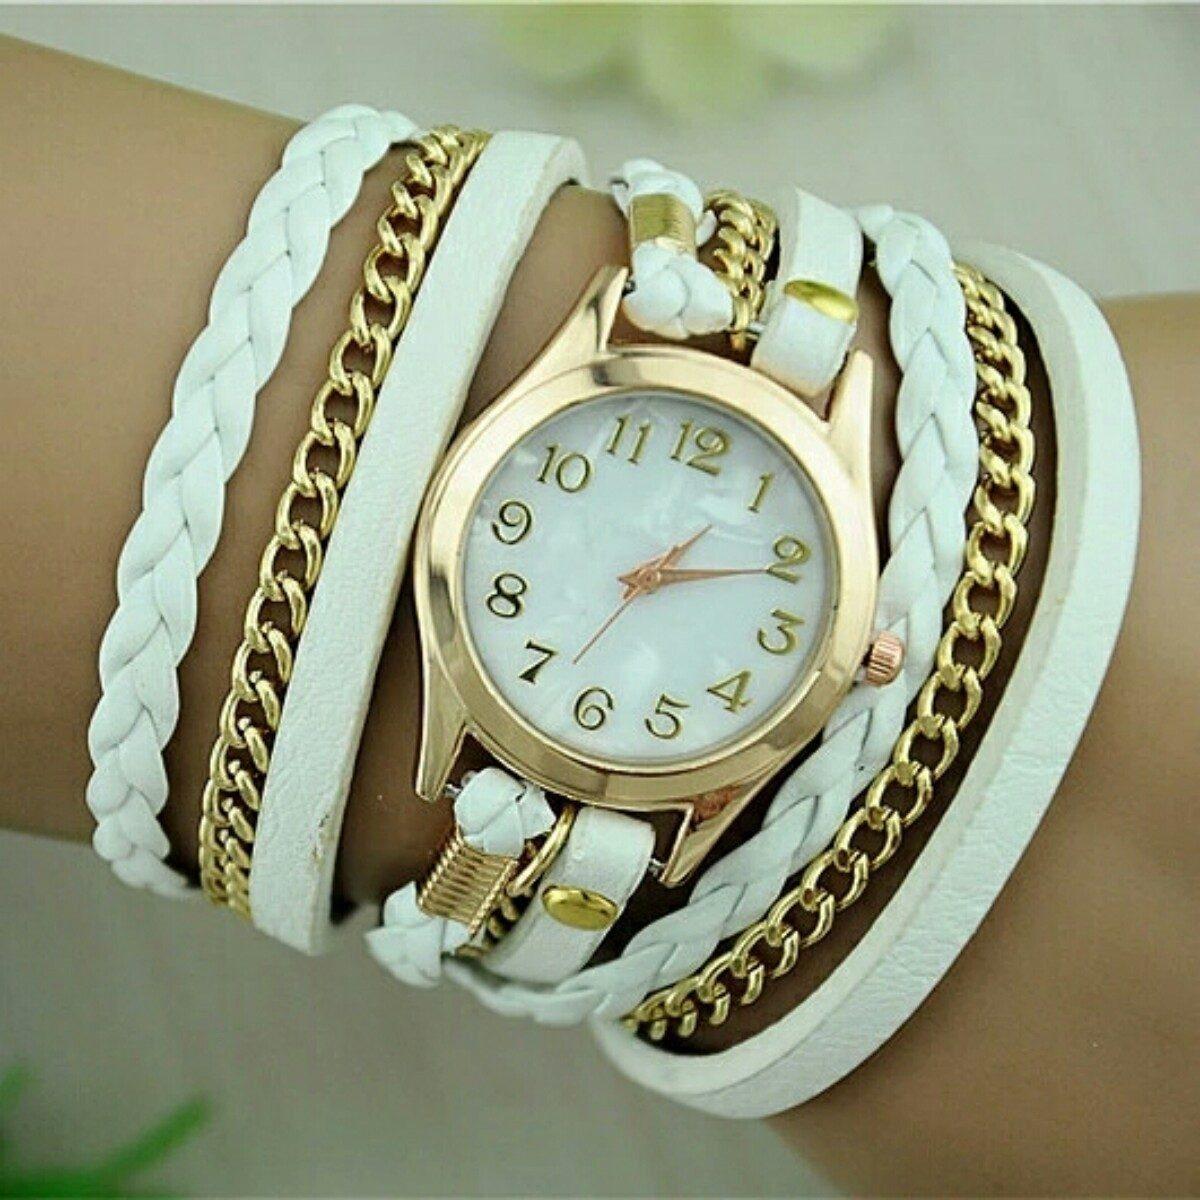 45d1d230c96 relogio feminino dourado de couro branco bracelete strass. Carregando zoom.